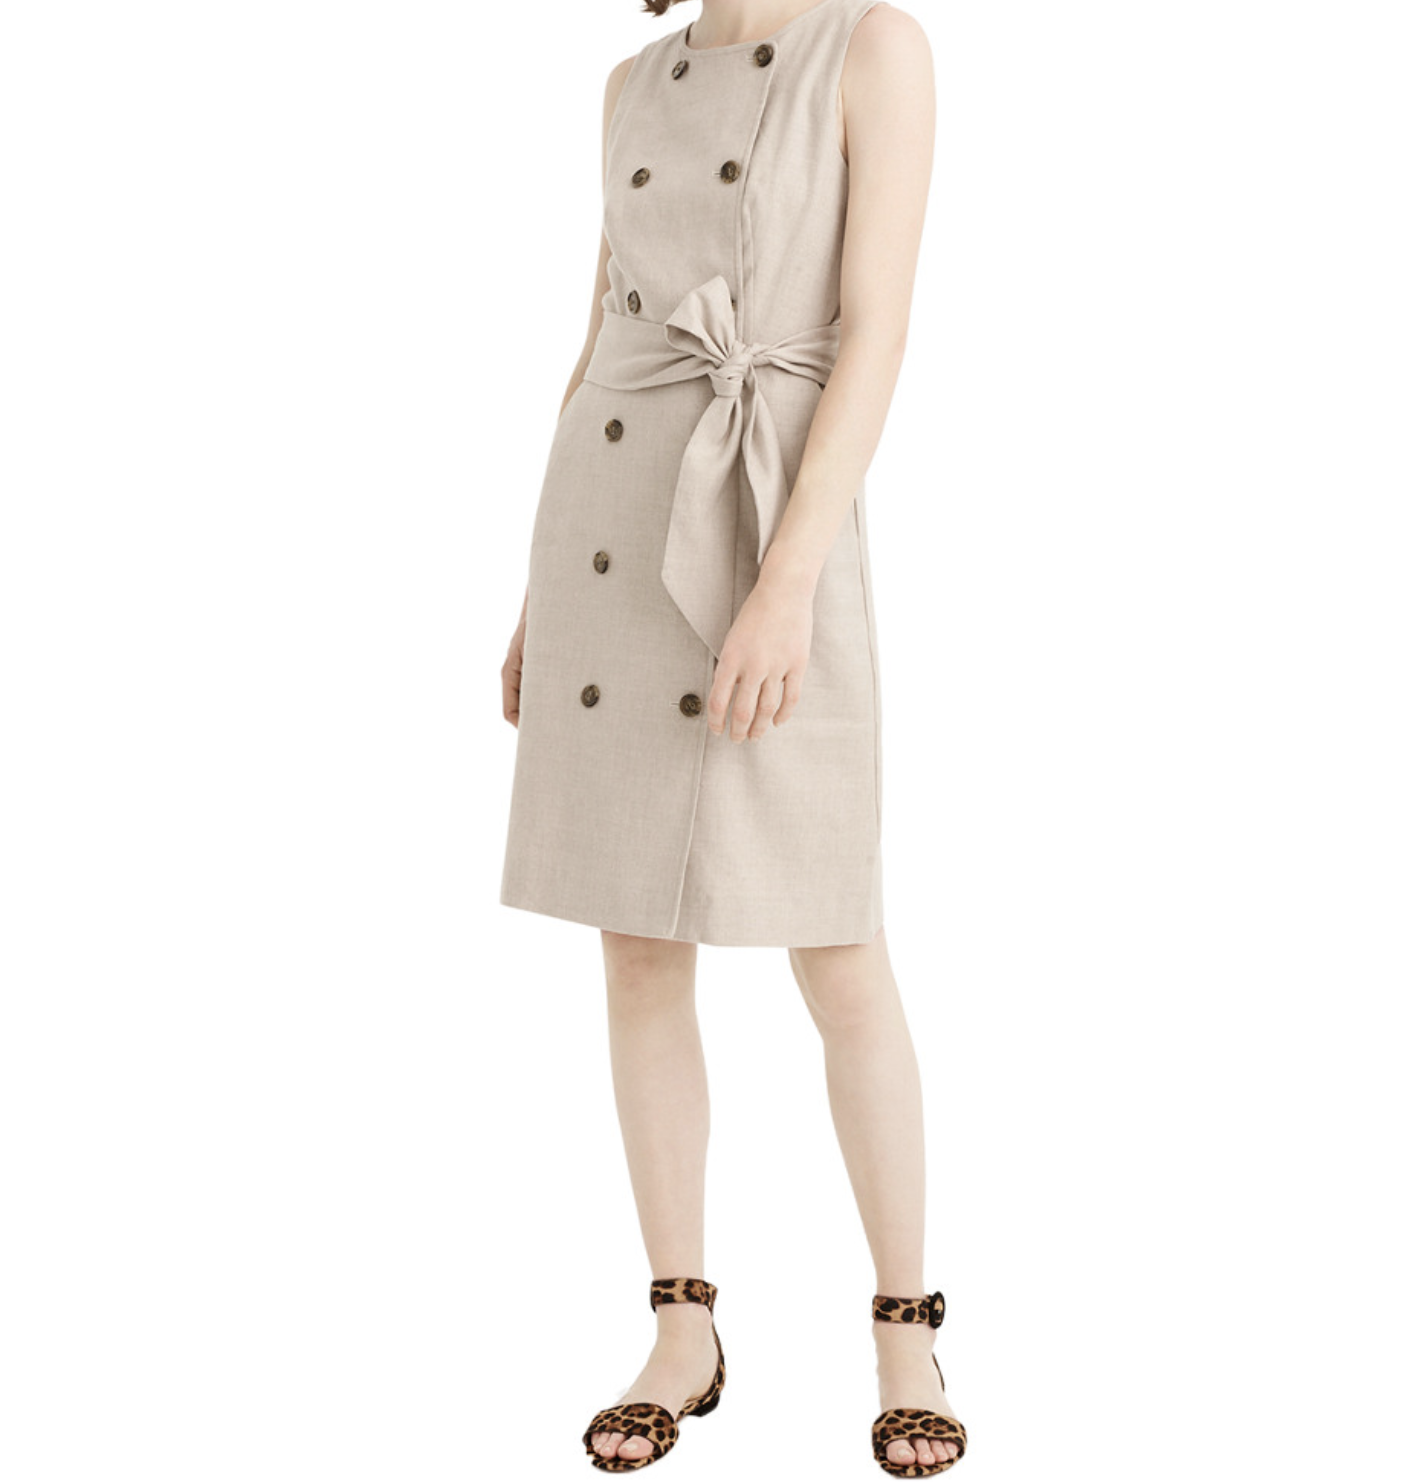 J.Crew Linen Button Dress